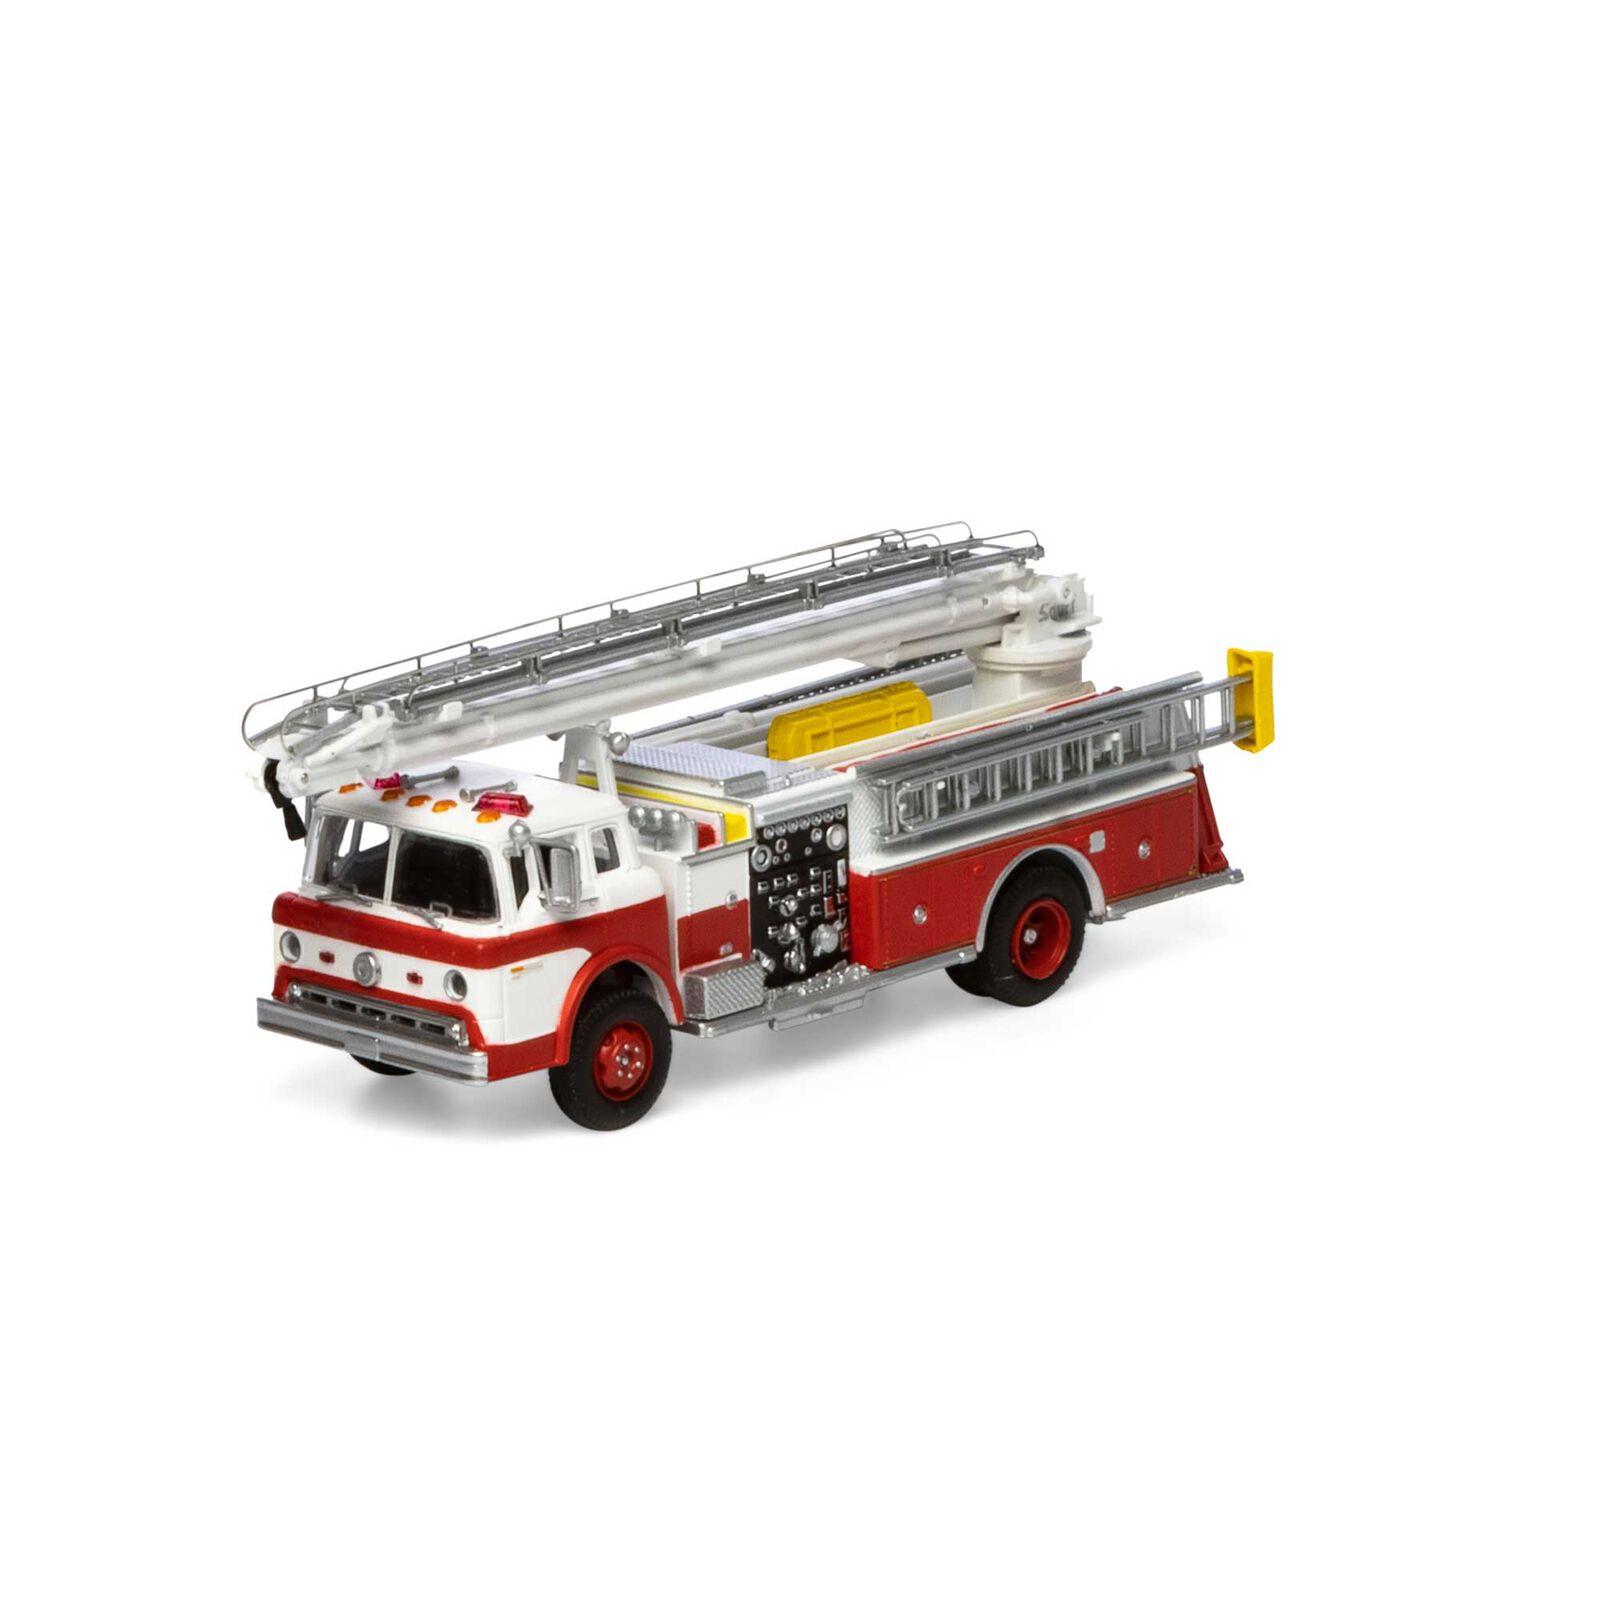 HO RTR Ford C Telesqurt, Red & White